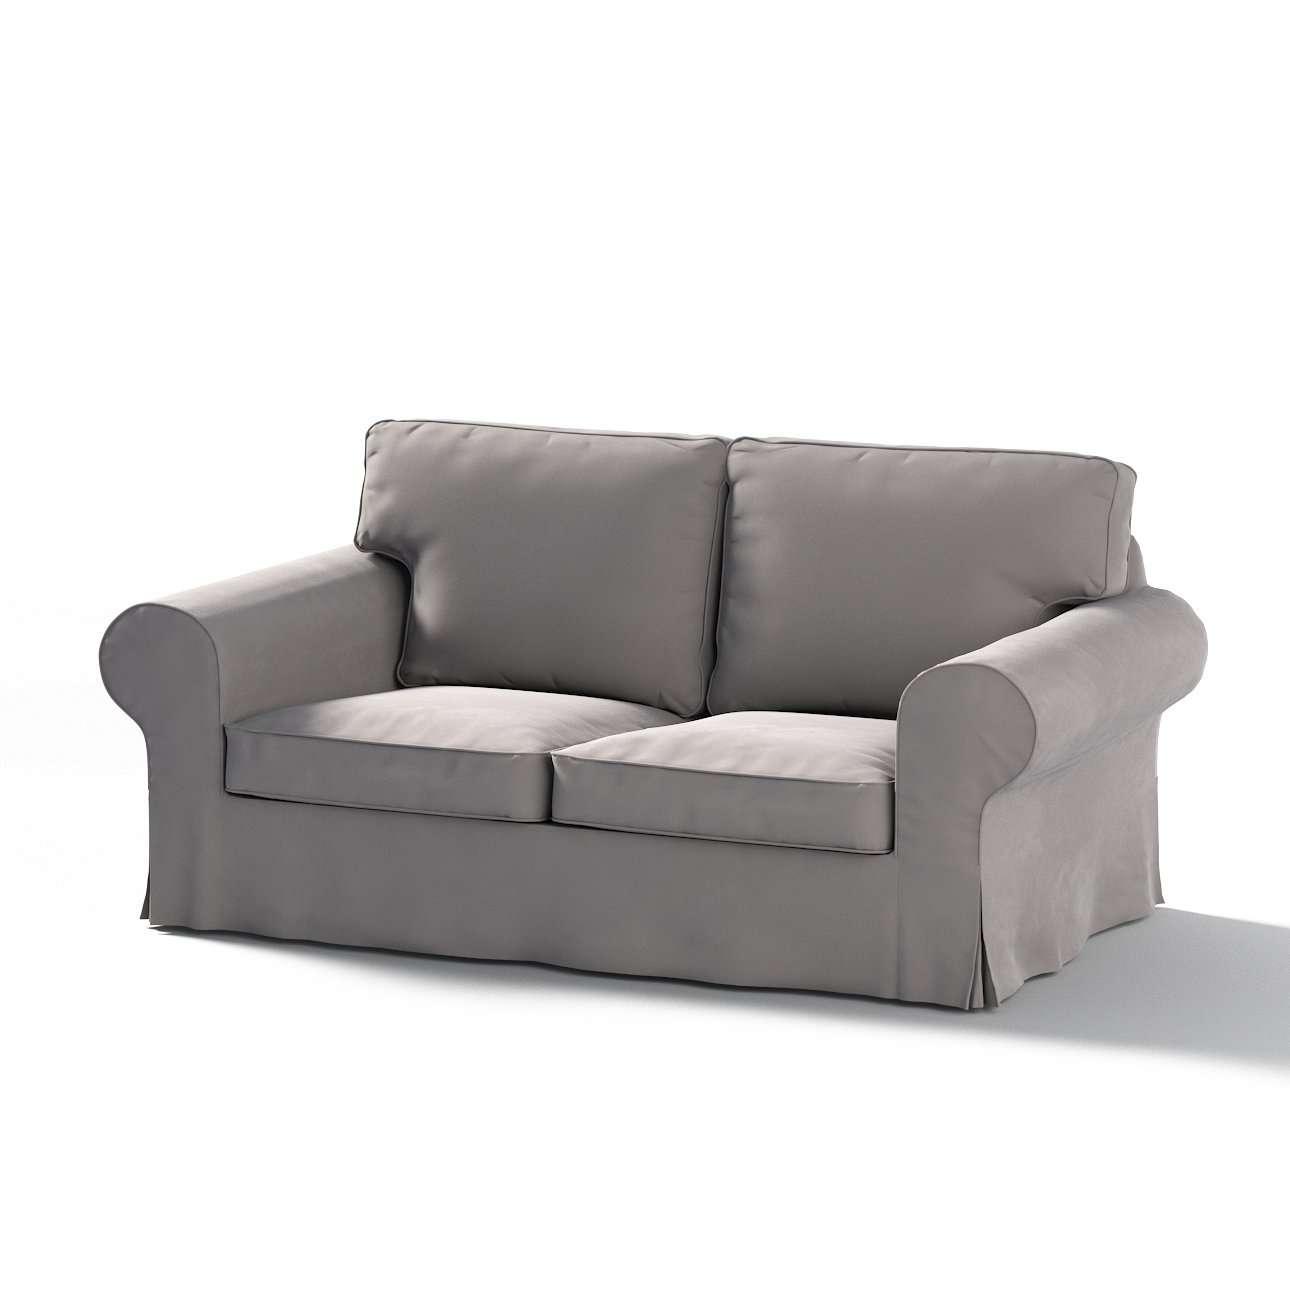 Poťah na sedačku Ektorp (nerozkladá sa, pre 2 osoby) V kolekcii Velvet, tkanina: 704-11